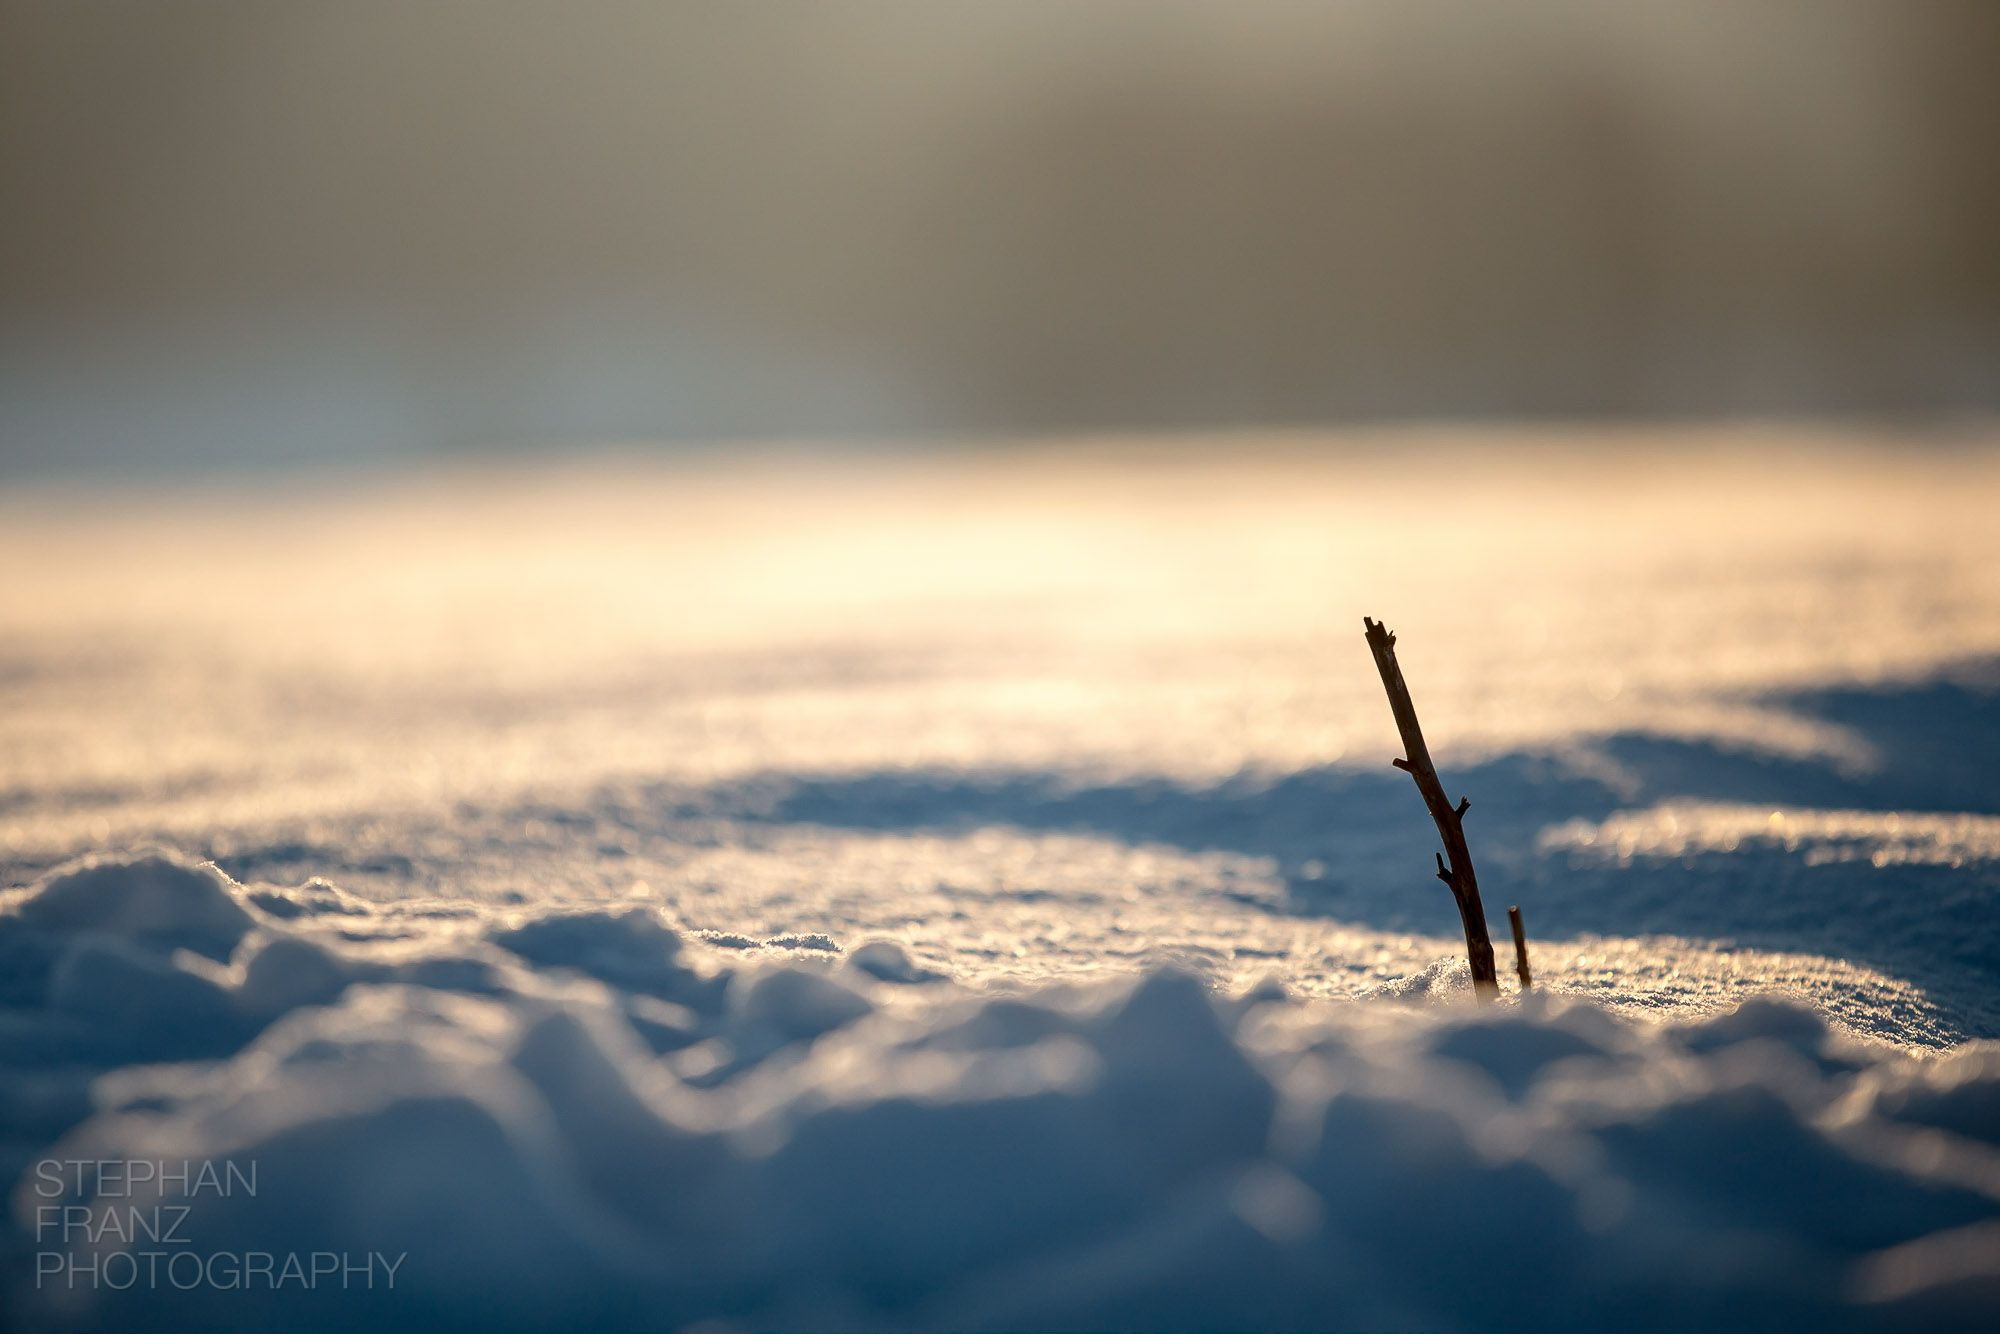 Winterspaziergang mit Angela in Beyharting bei Tuntenhausen im Alpenvorland in Bayern - Fotograf Stephan Franz Photography aus Rosenheim-5